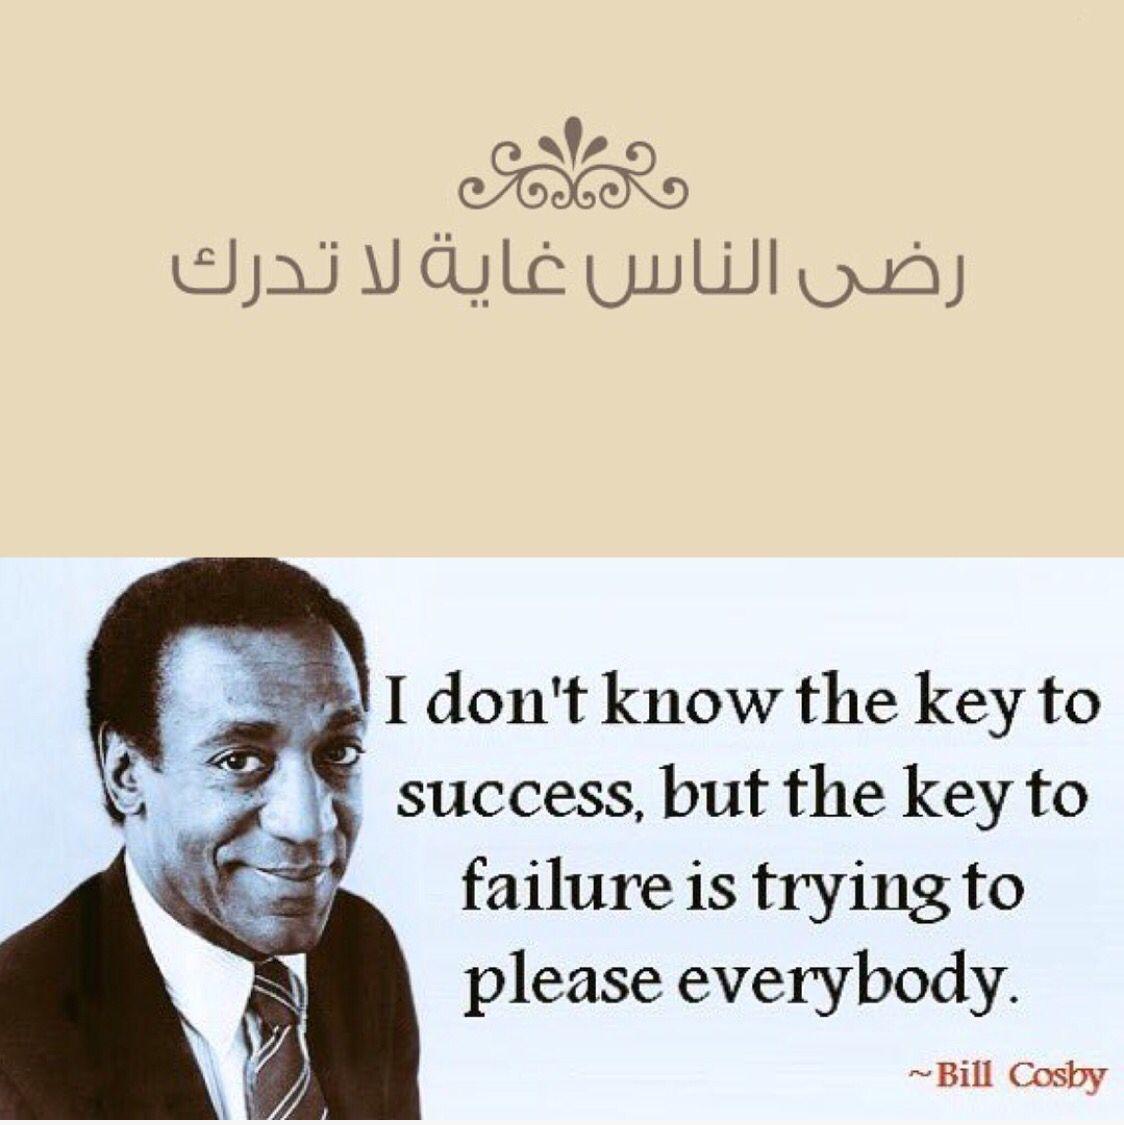 رضى الناس غاية لا تدرك ورضا الله غاية لا تترك فاترك ما لا يدرك وأدرك ما لا يترك Bill Cosby Key To Success Memes